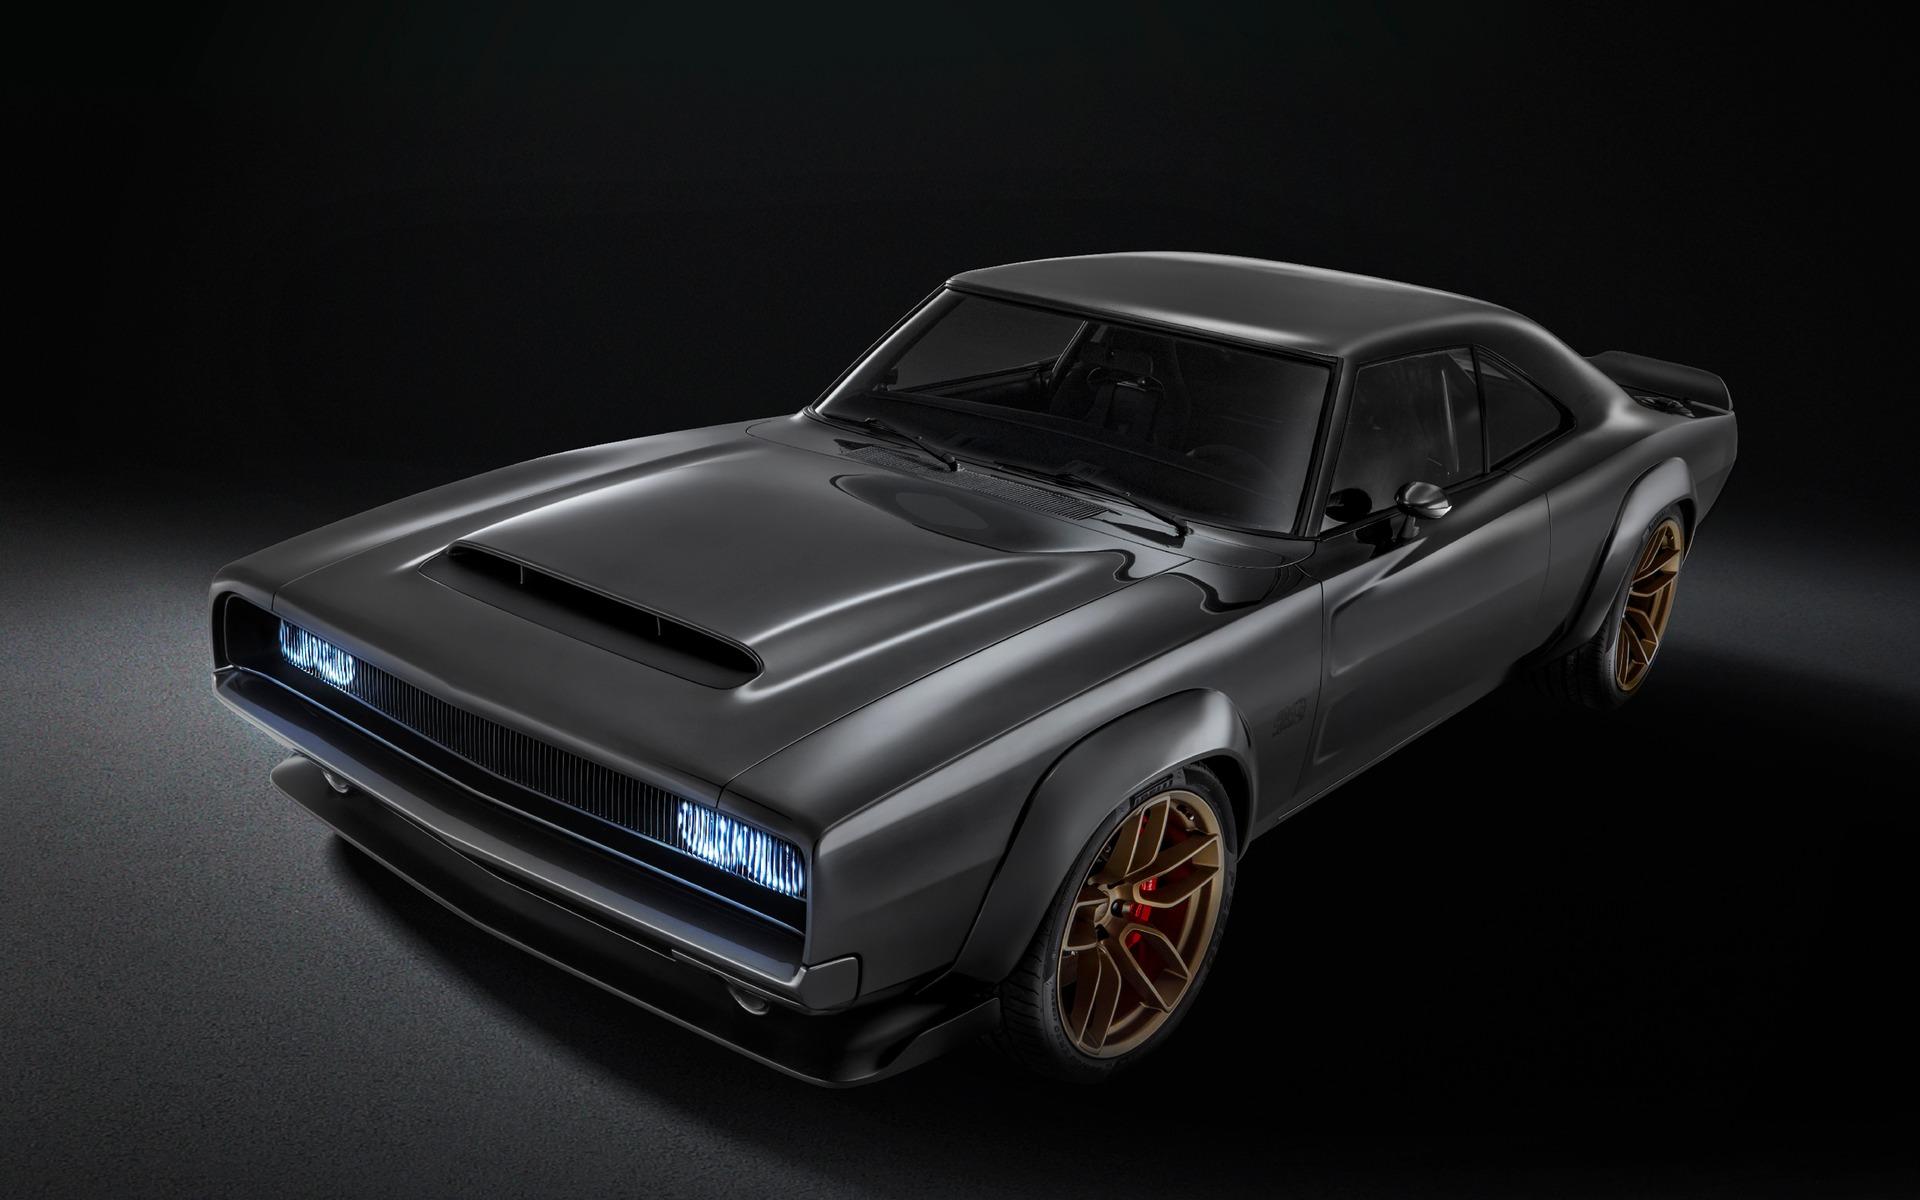 dodge hellephant horsepower Dodge Hellephant: 2 Horsepower, 2 lb.-ft. - The Car Guide